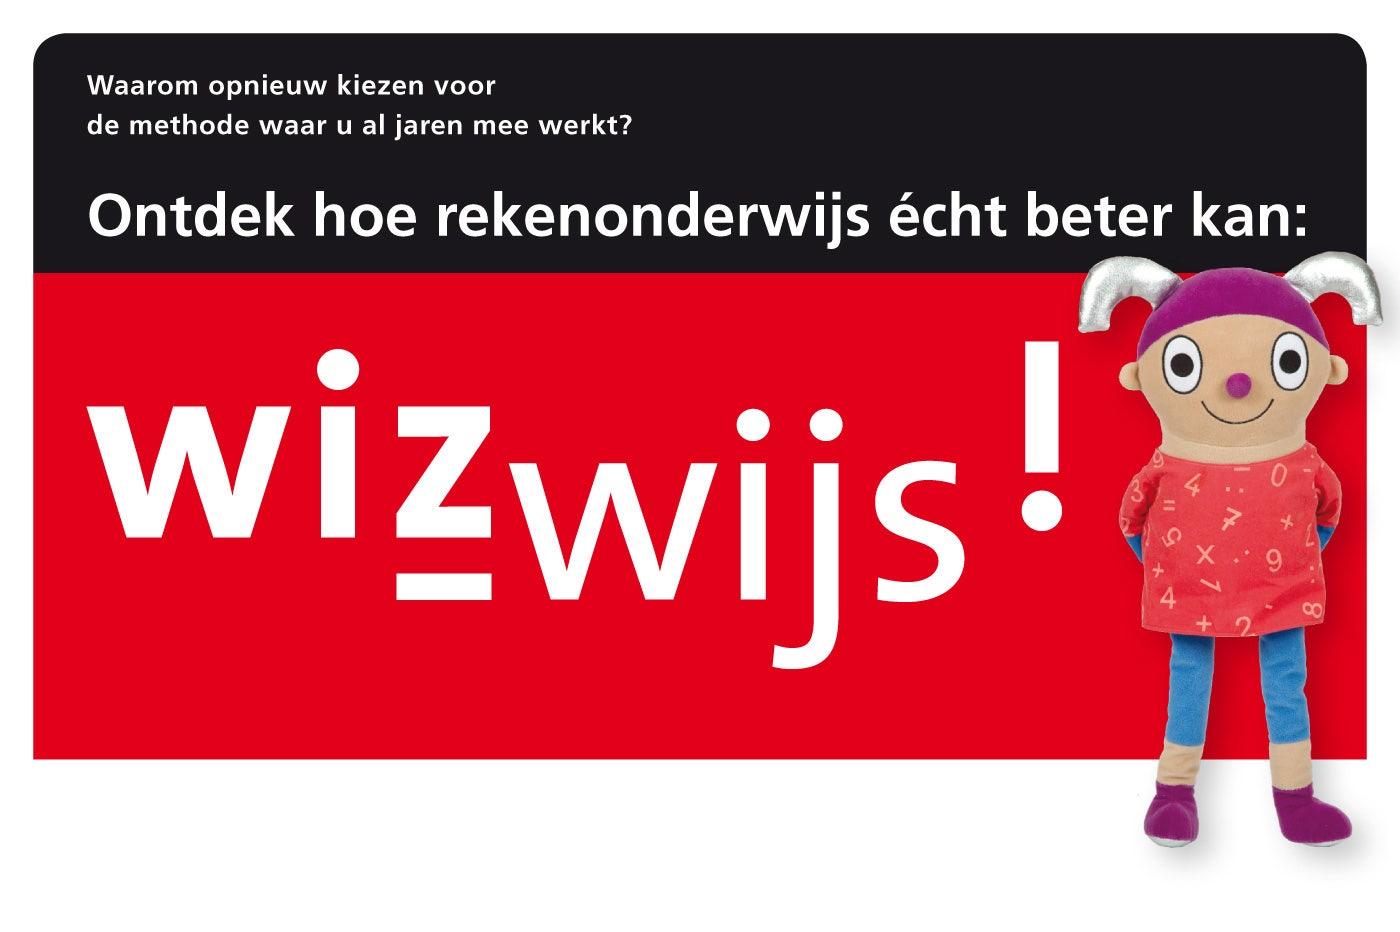 Wizwijs